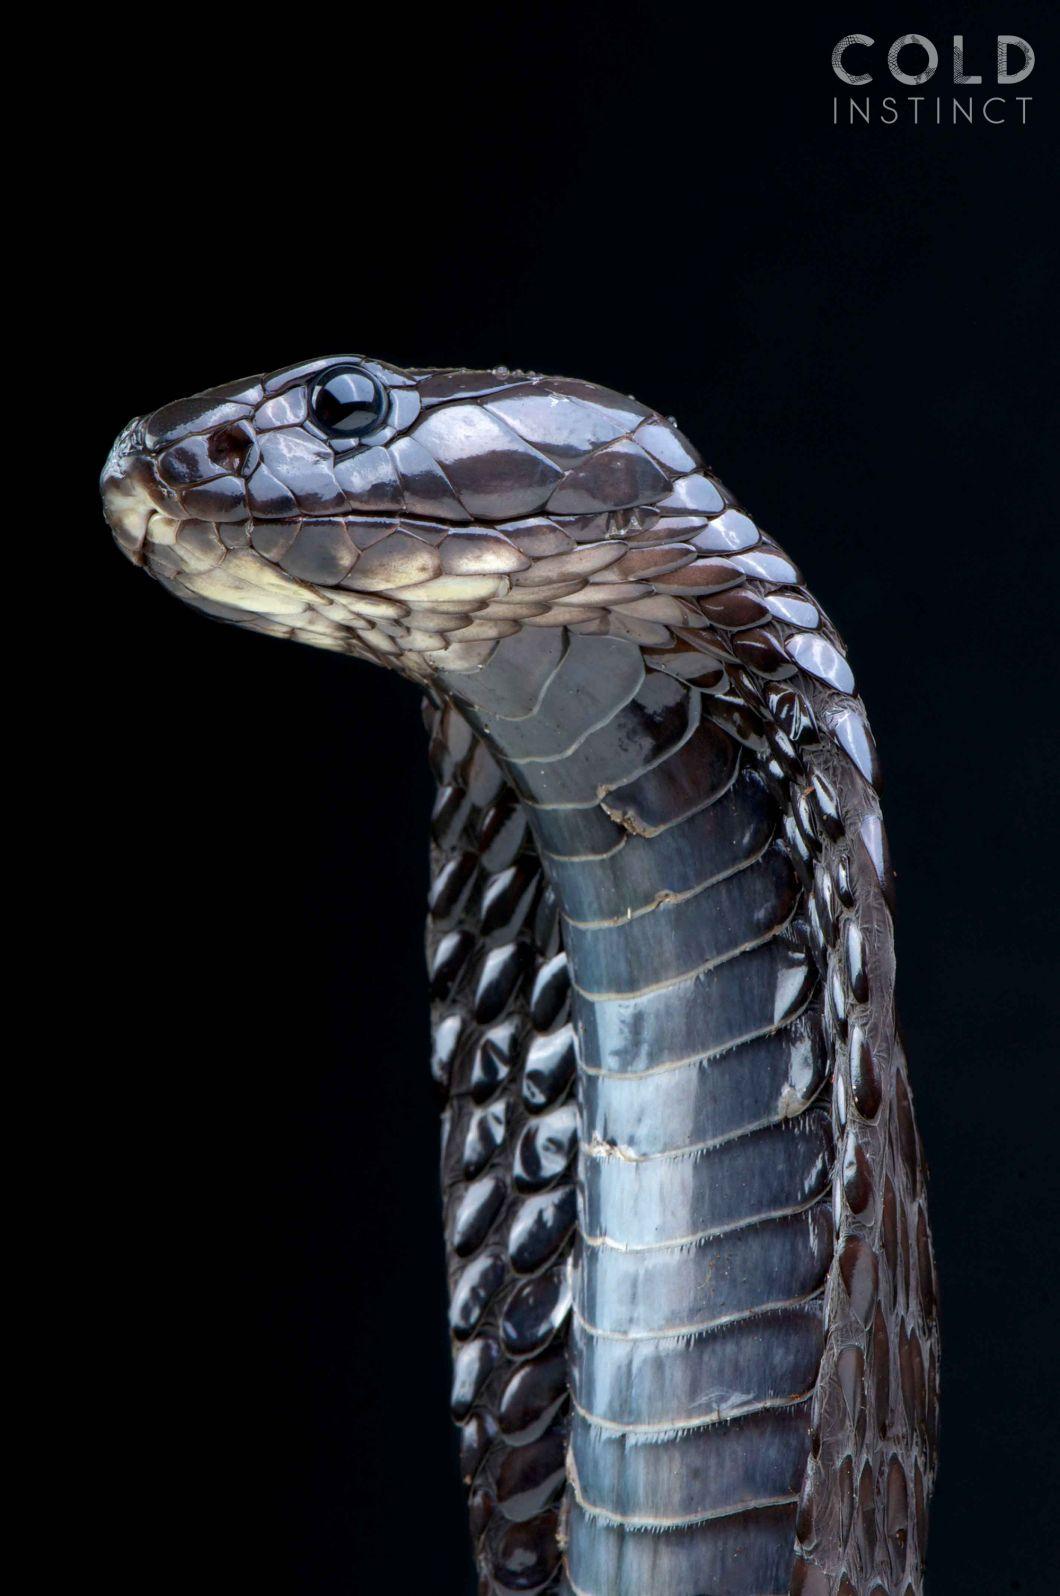 Le Serpent Le Plus Dangereux Du Monde : serpent, dangereux, monde, Reptiles, Venimeux, Monde, Slate.fr